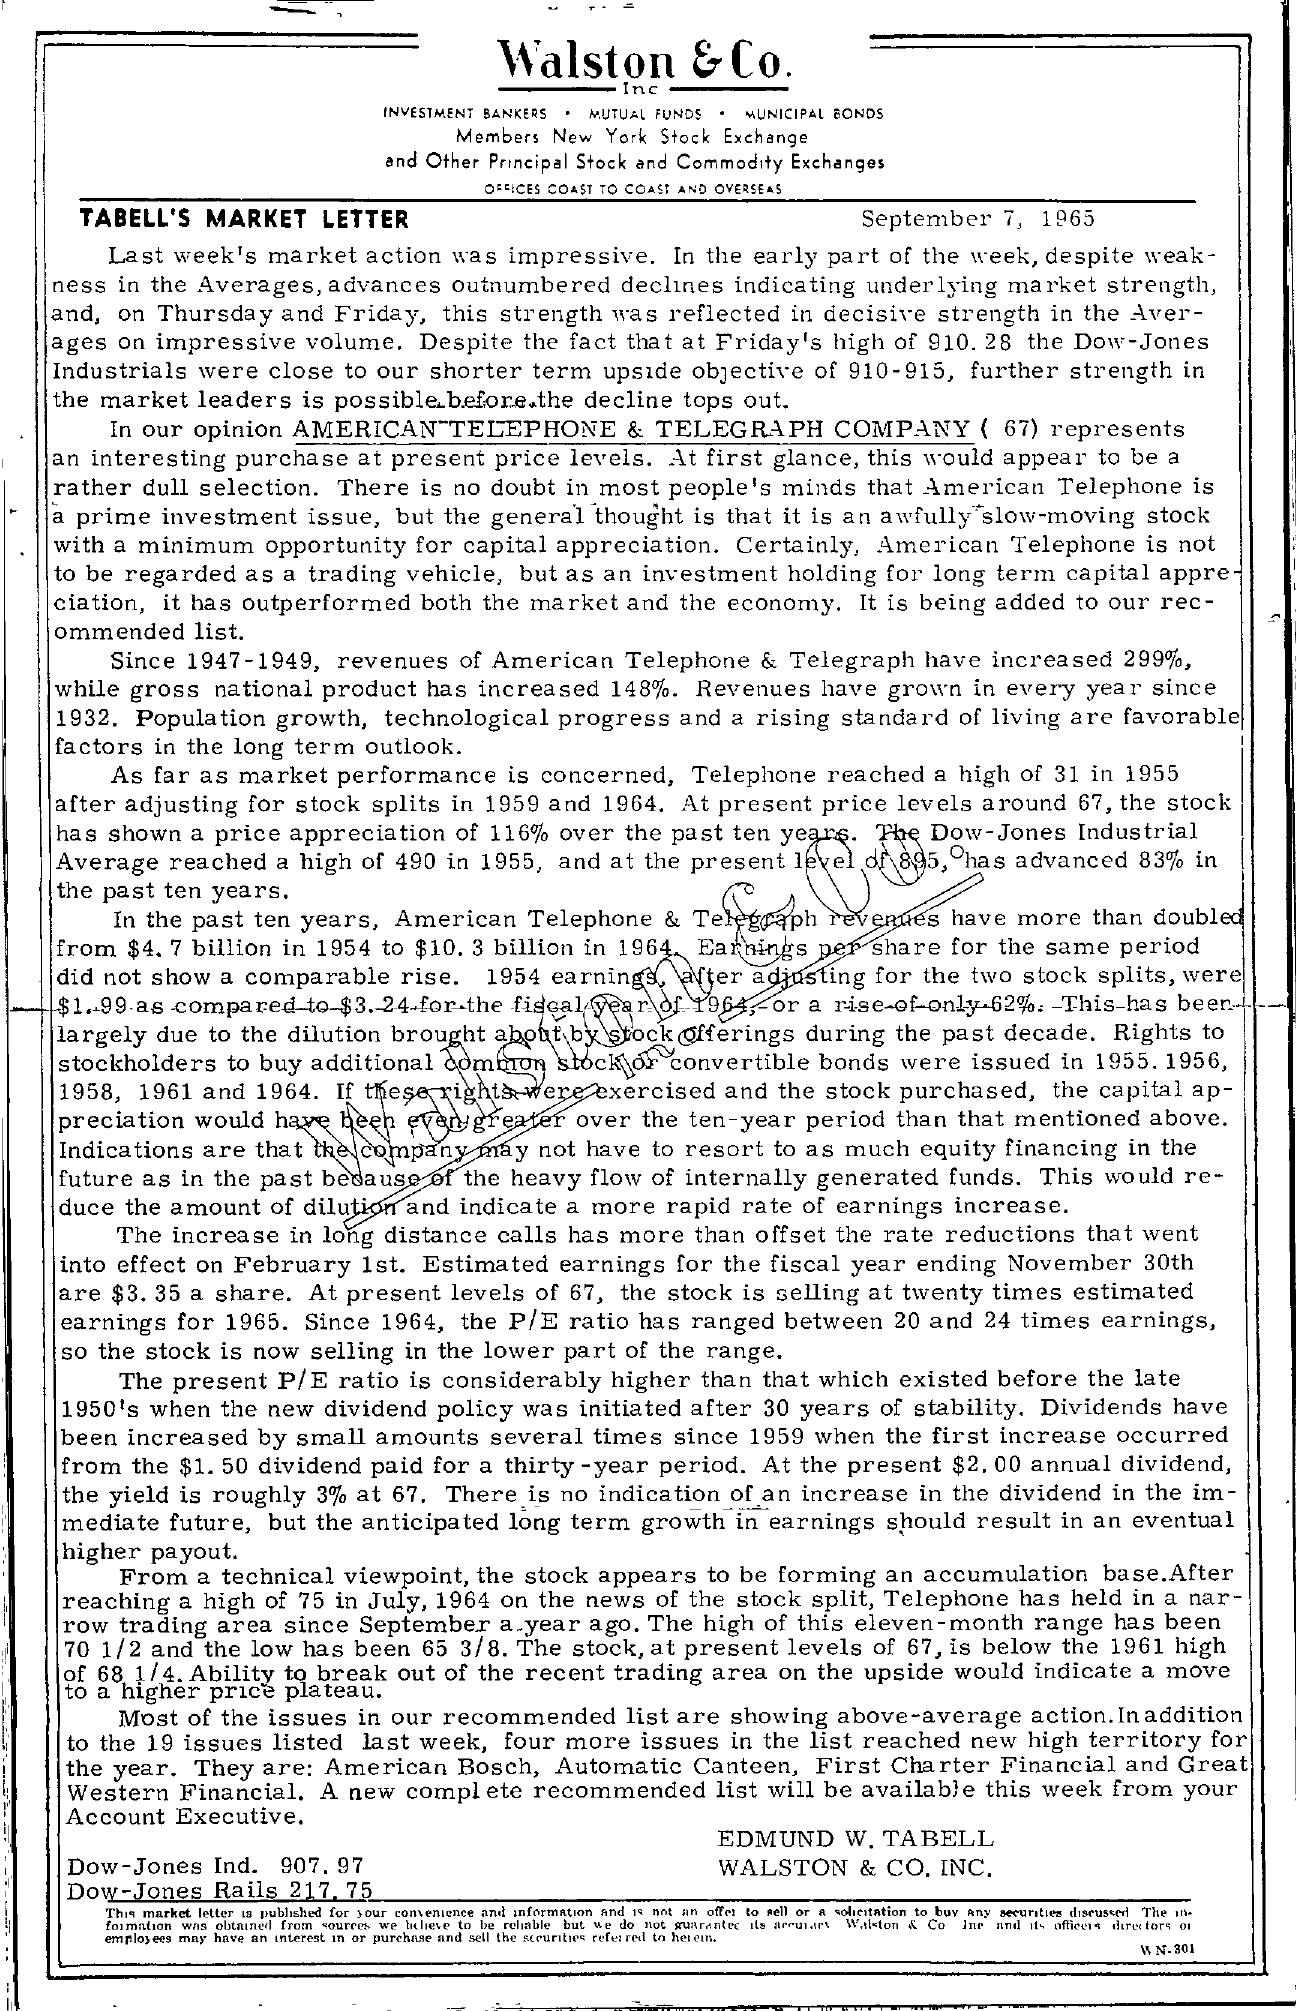 Tabell's Market Letter - September 07, 1965